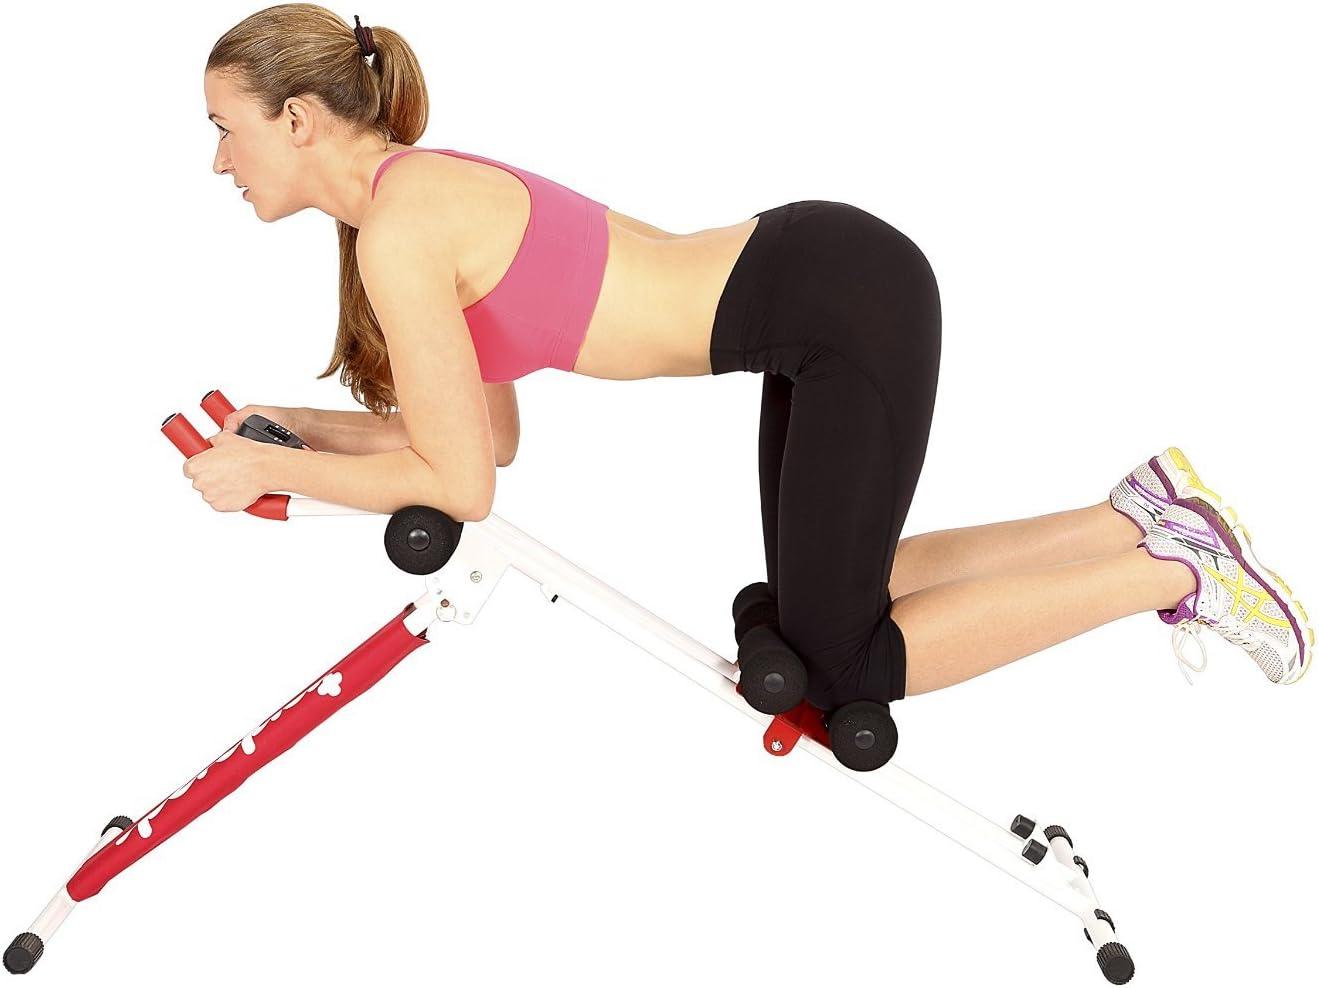 SportPlus Bauchtrainer /• Bauchmuskeltrainer klappbar f/ür zuhause /• Trainingscomputer /• verschiedene Schwierigkeitsgrade /• gezieltes Bauchmuskeltraining /• Nutzergewicht bis 100kg /• Sicherheit gepr/üft